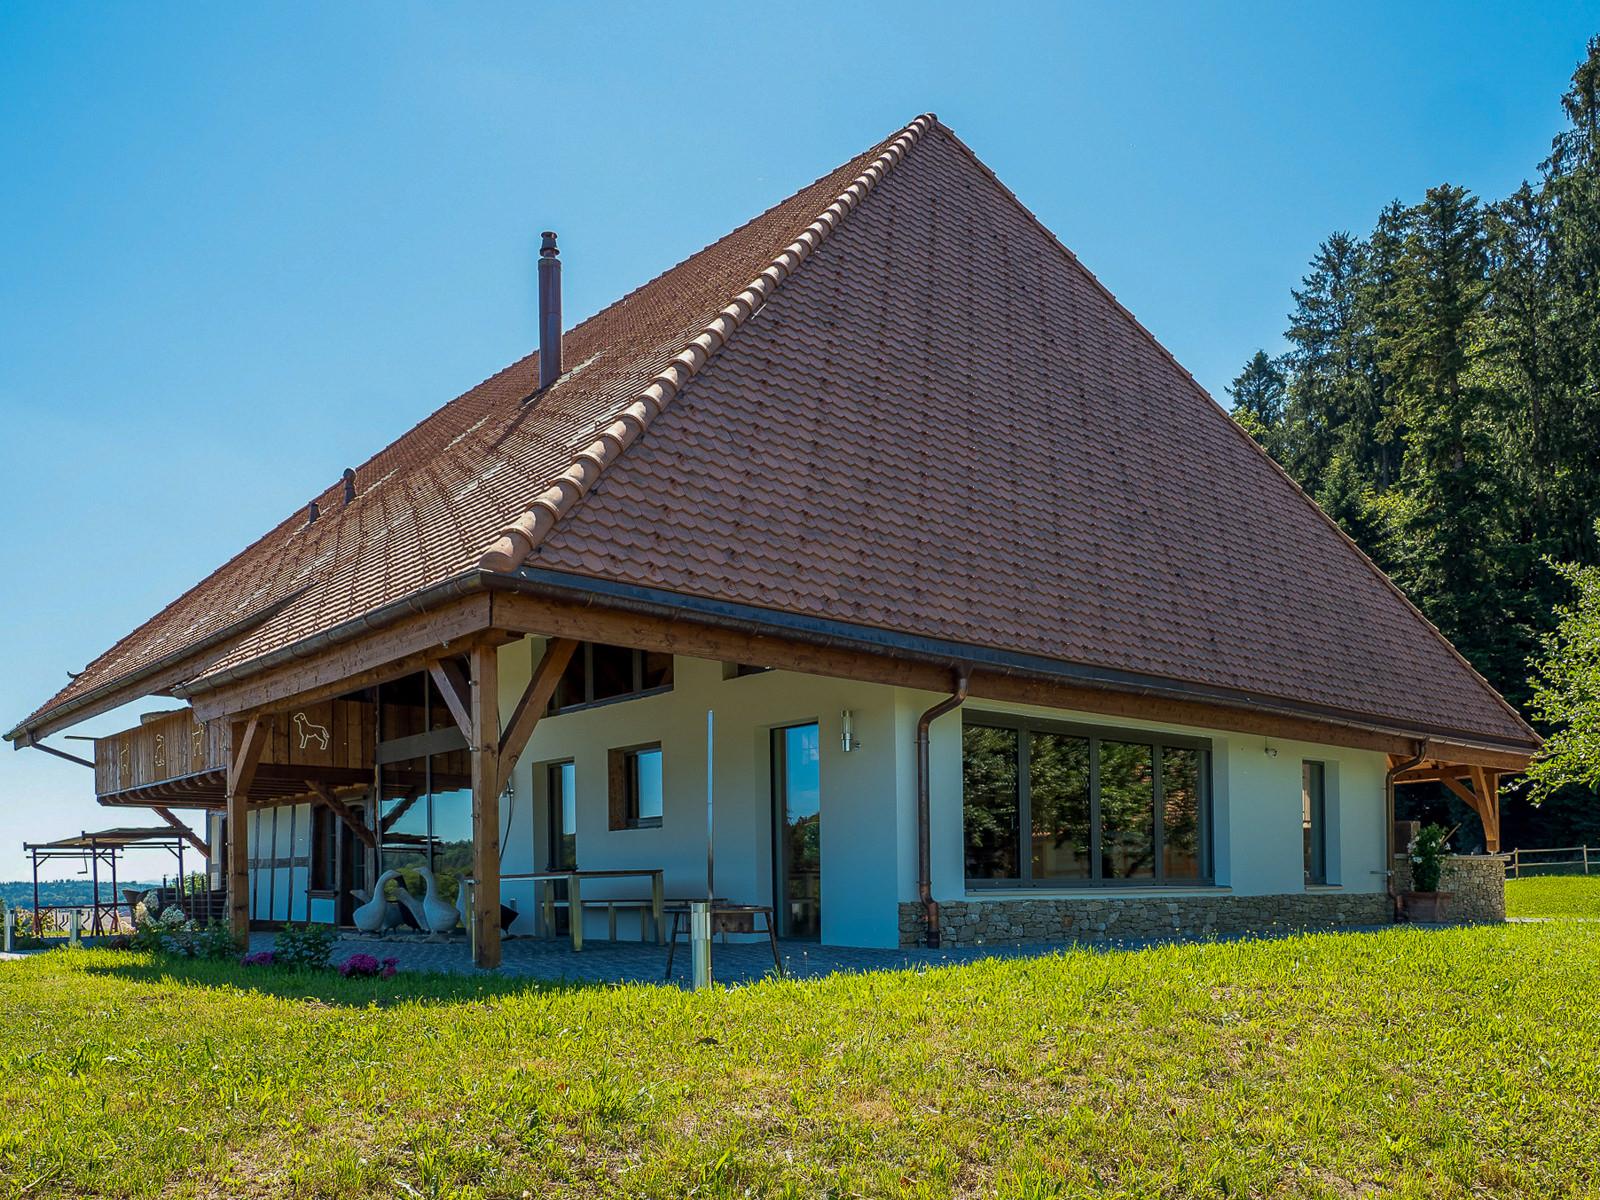 Bauernhaus, Scheunenberg, Wengi, Bern, eingedeckt mit Biberschwanzziegeln antik 16.5/39 (ZR), getragen von Einsteinmauerwerk Capo 365 T6; beides von Gasser Ceramic.